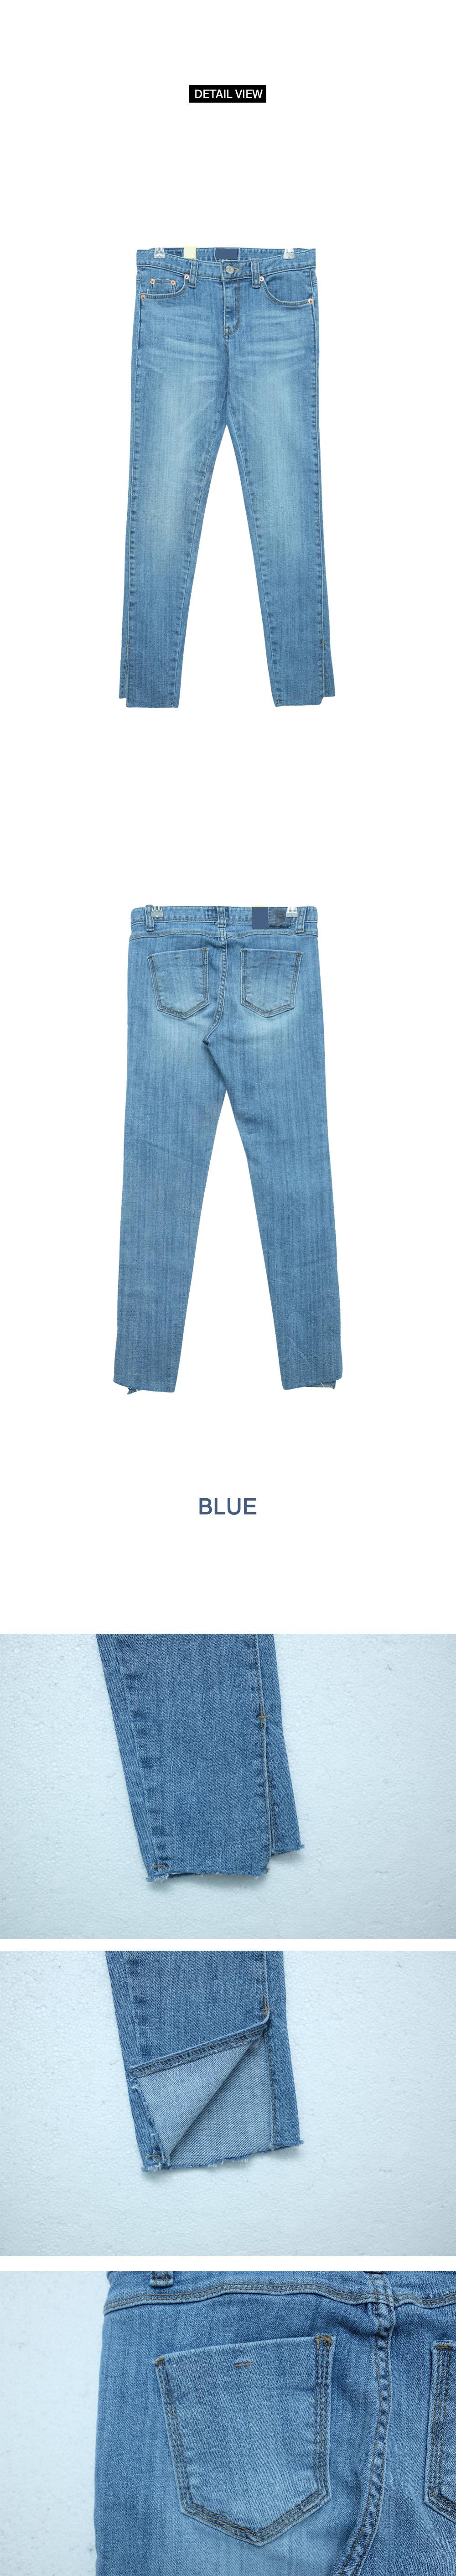 Skirt skinny jeans